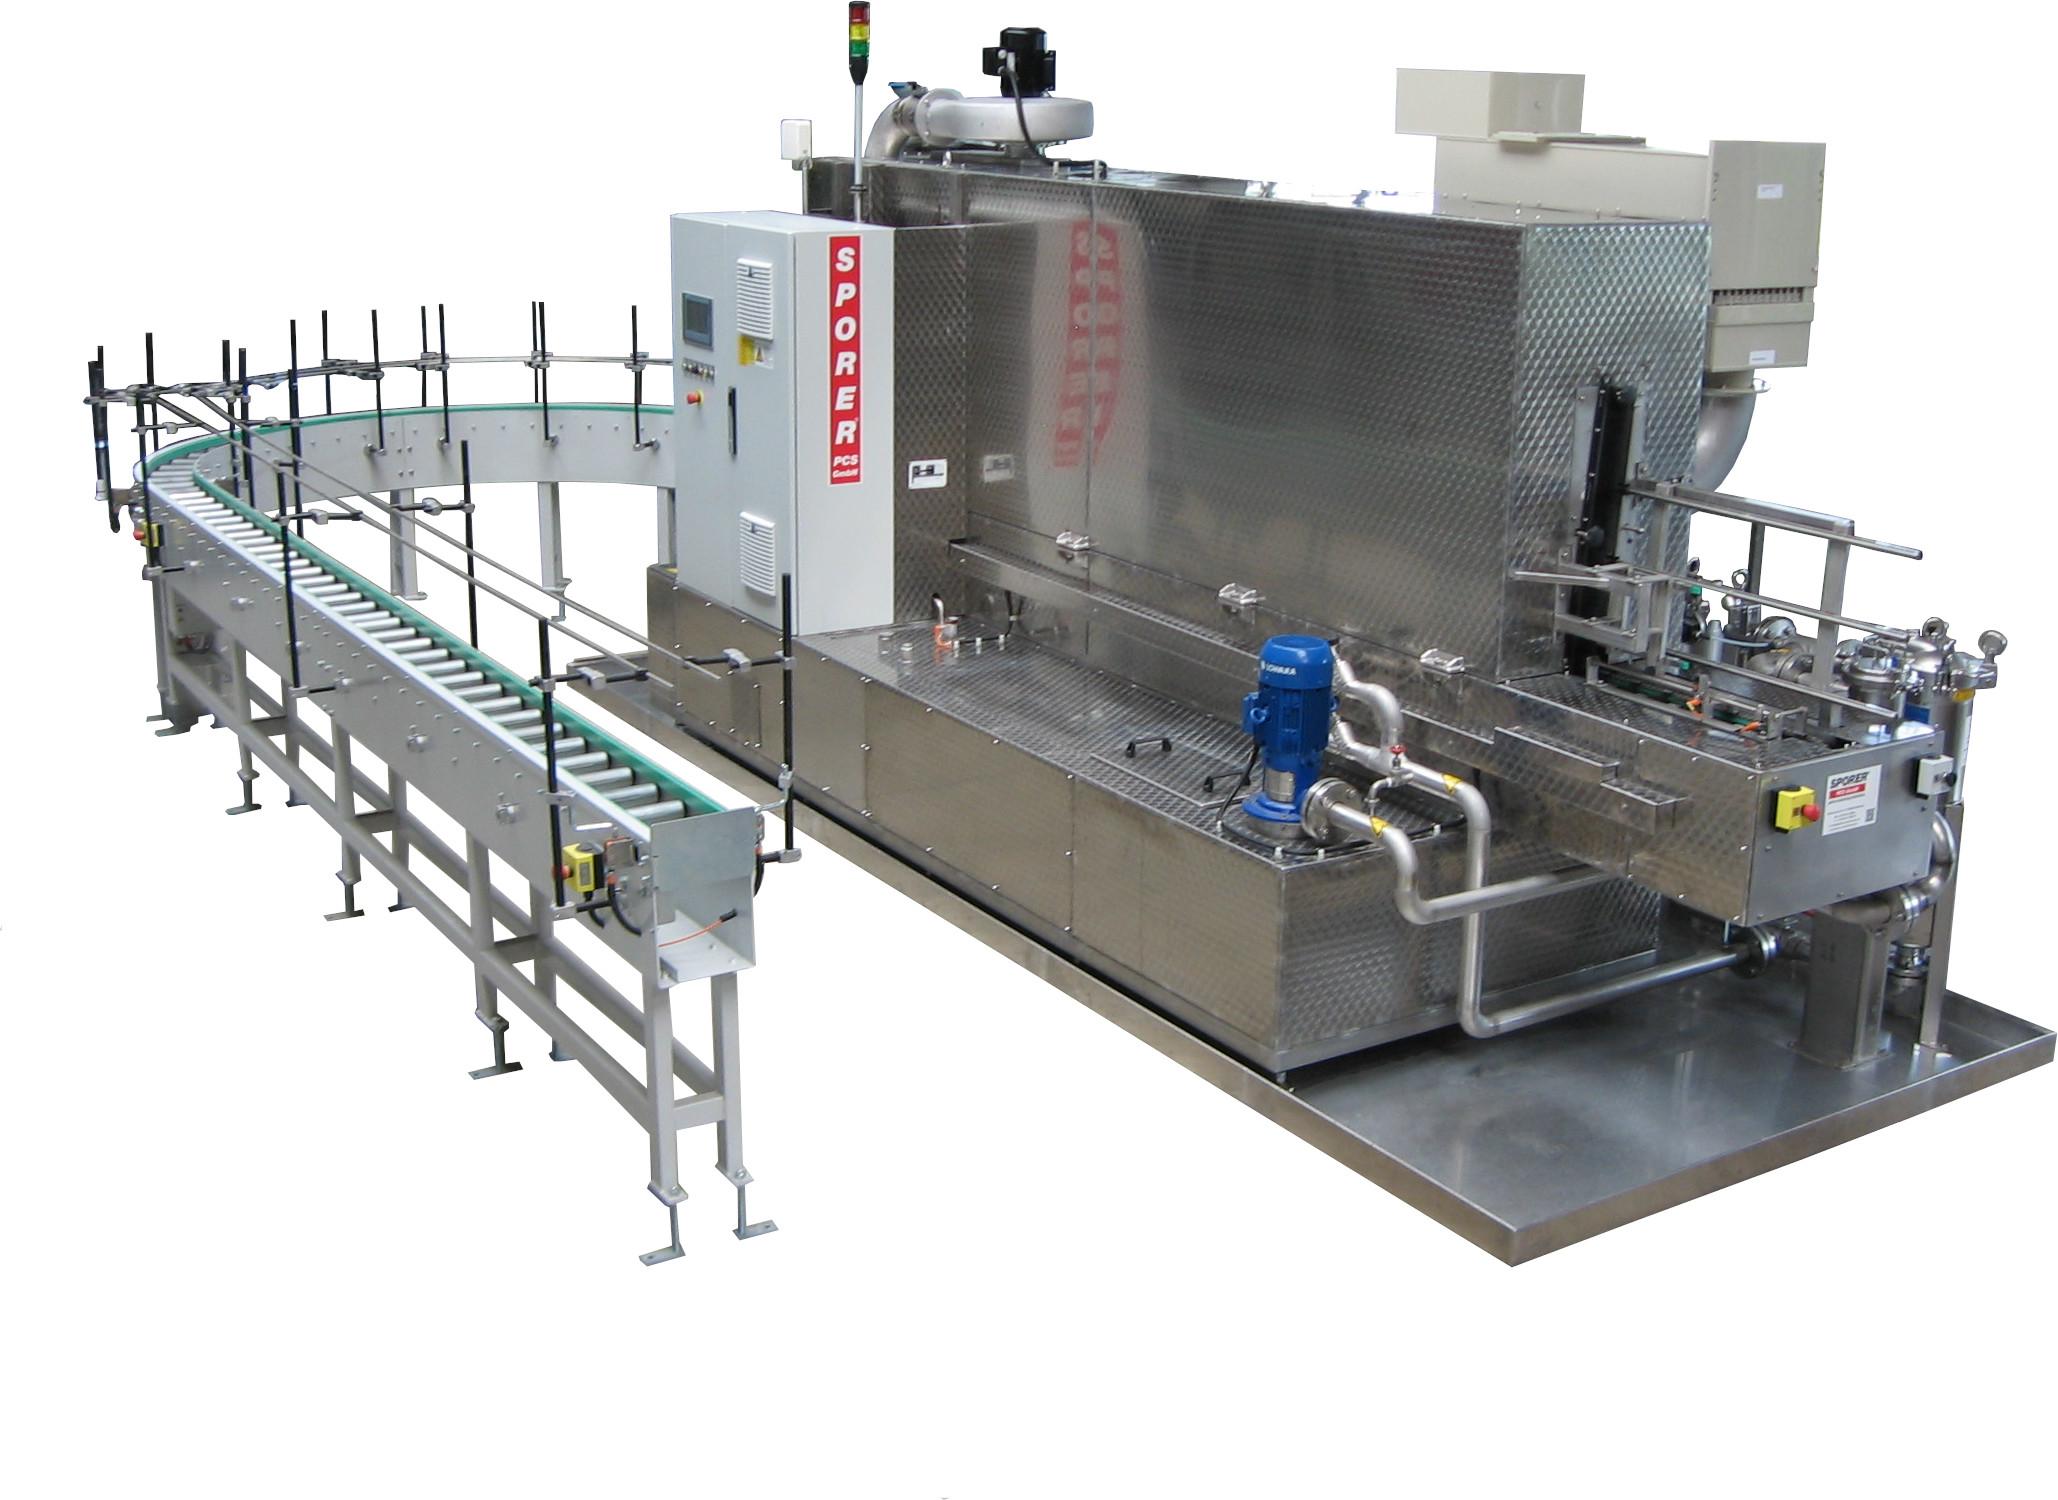 [Translate to Französisch:] getaktete Durchlauf-Reinigungsanlage für die Reinigung und Trocknung von Metall-Steckfiltern